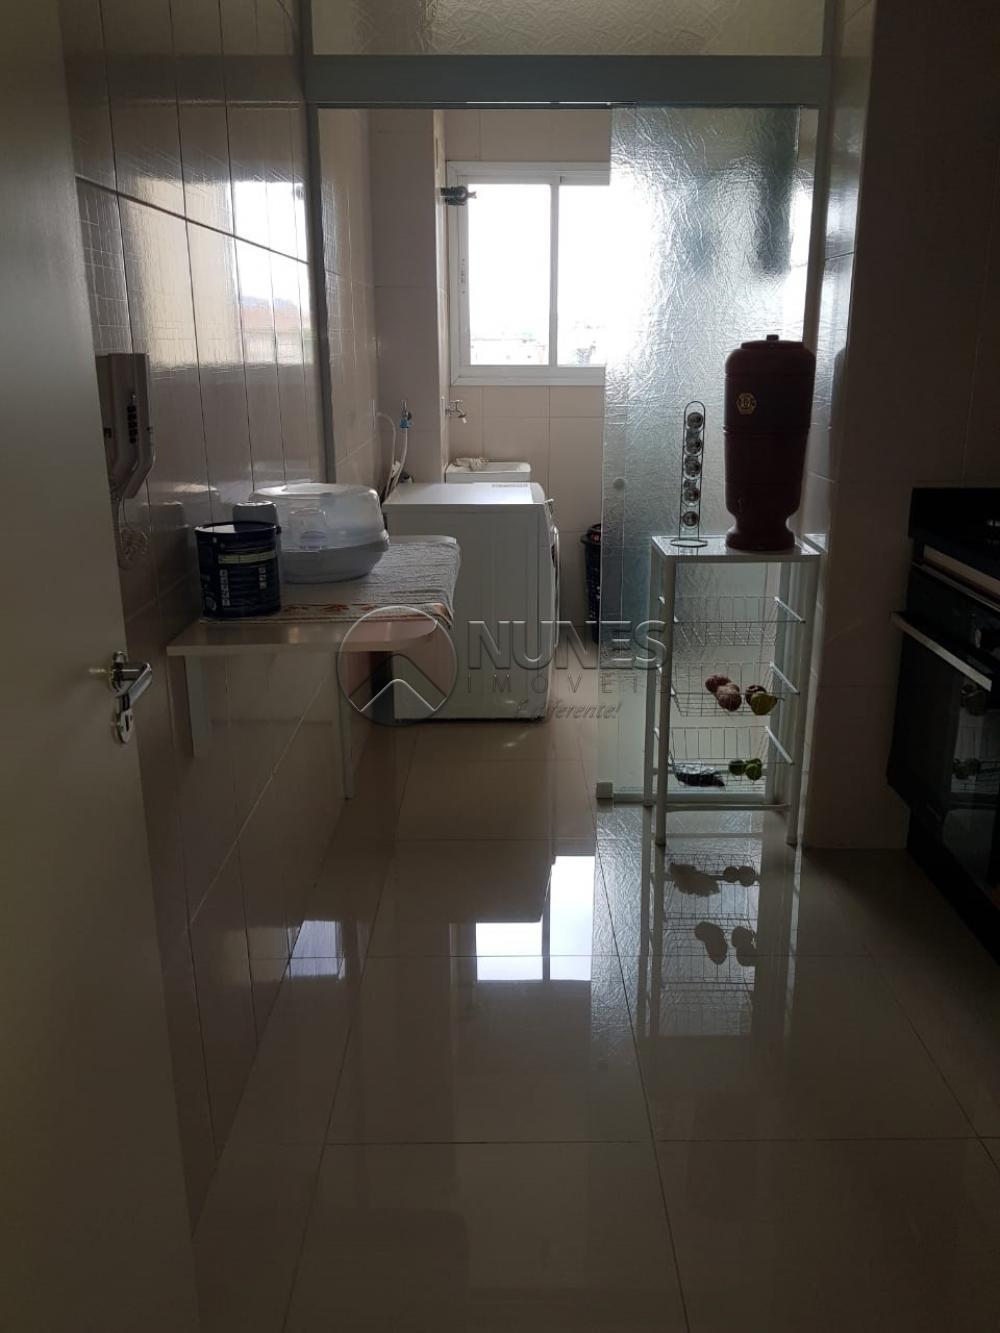 Comprar Apartamento / Padrão em Santana de Parnaíba apenas R$ 298.000,00 - Foto 7